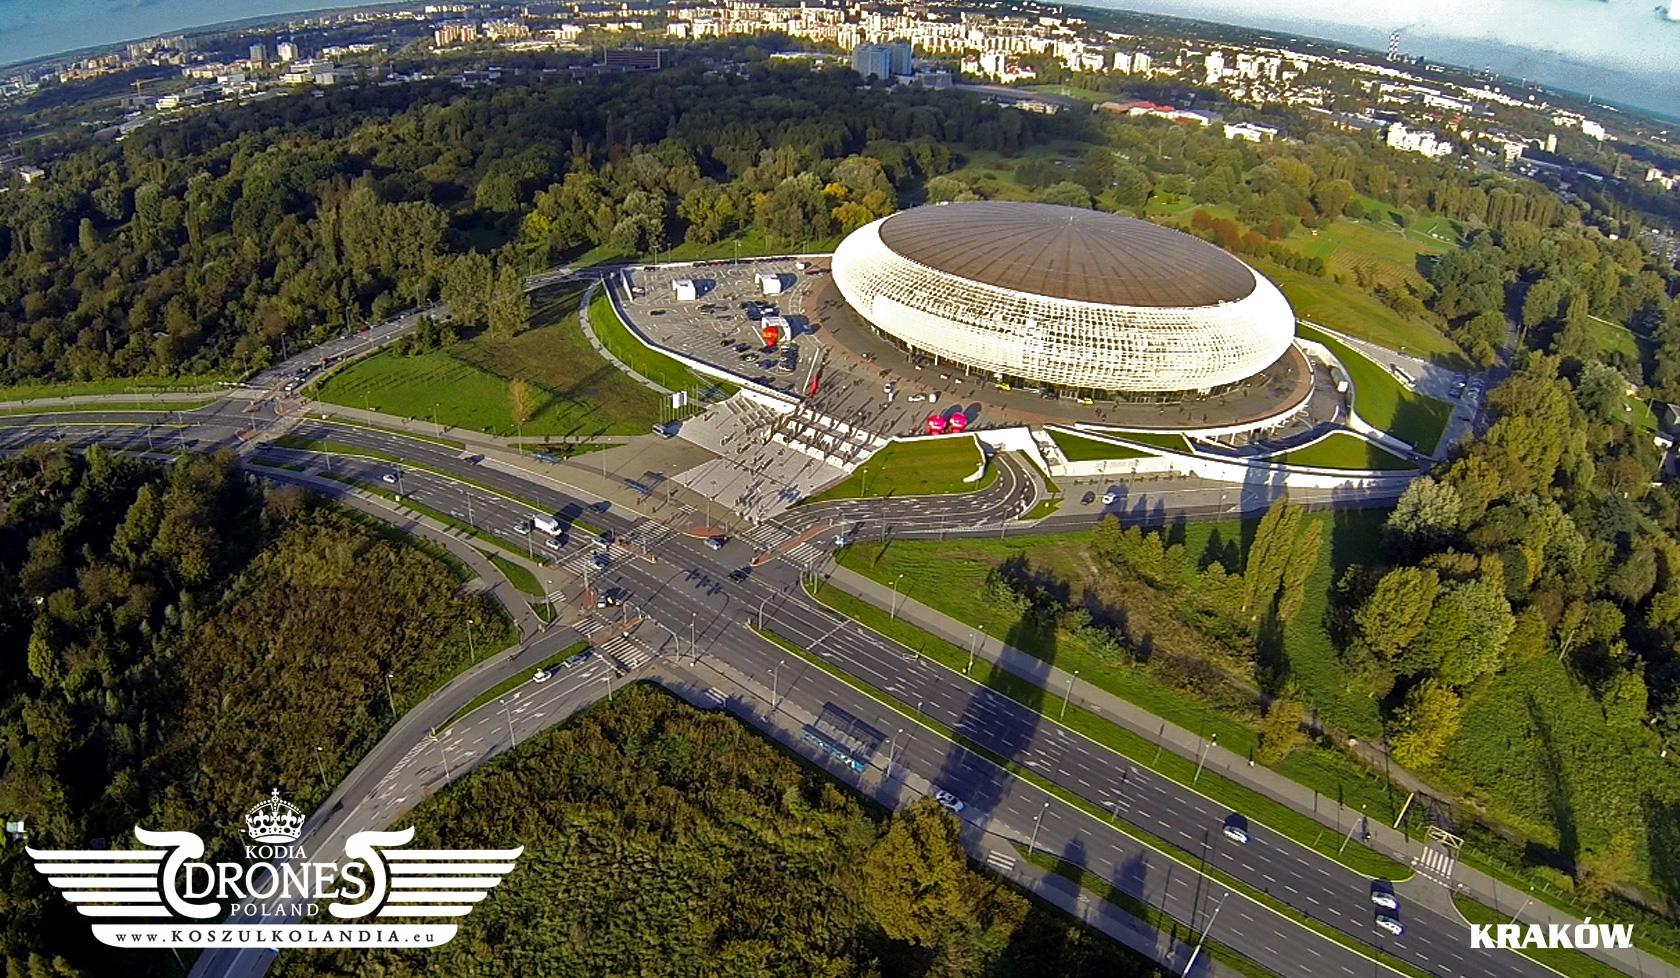 kraków arena hala widowiskowa krakowska kultura